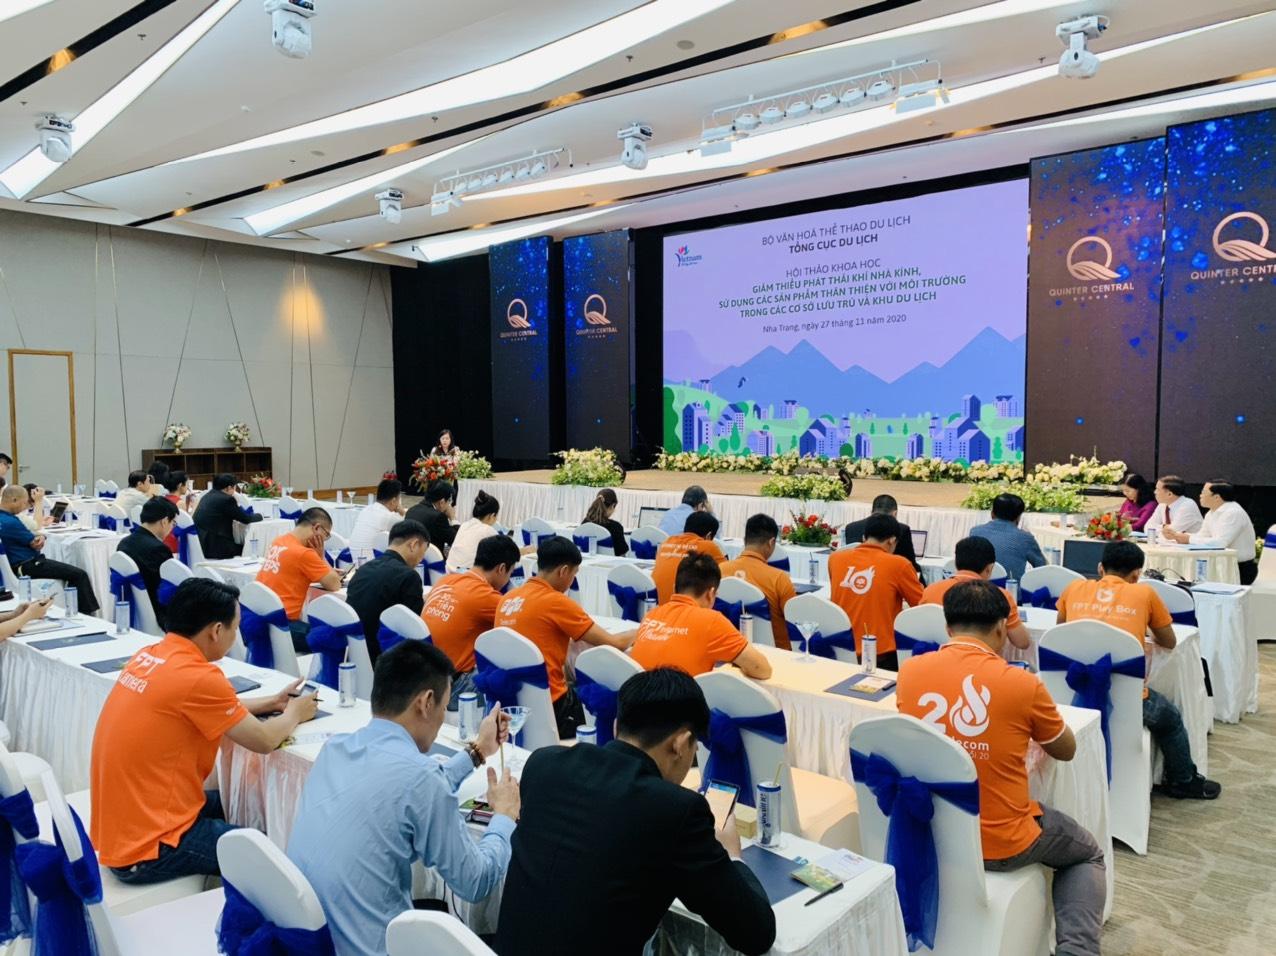 Hội thảo tìm giải pháp thân thiện với môi trường trong hoạt động du lịch